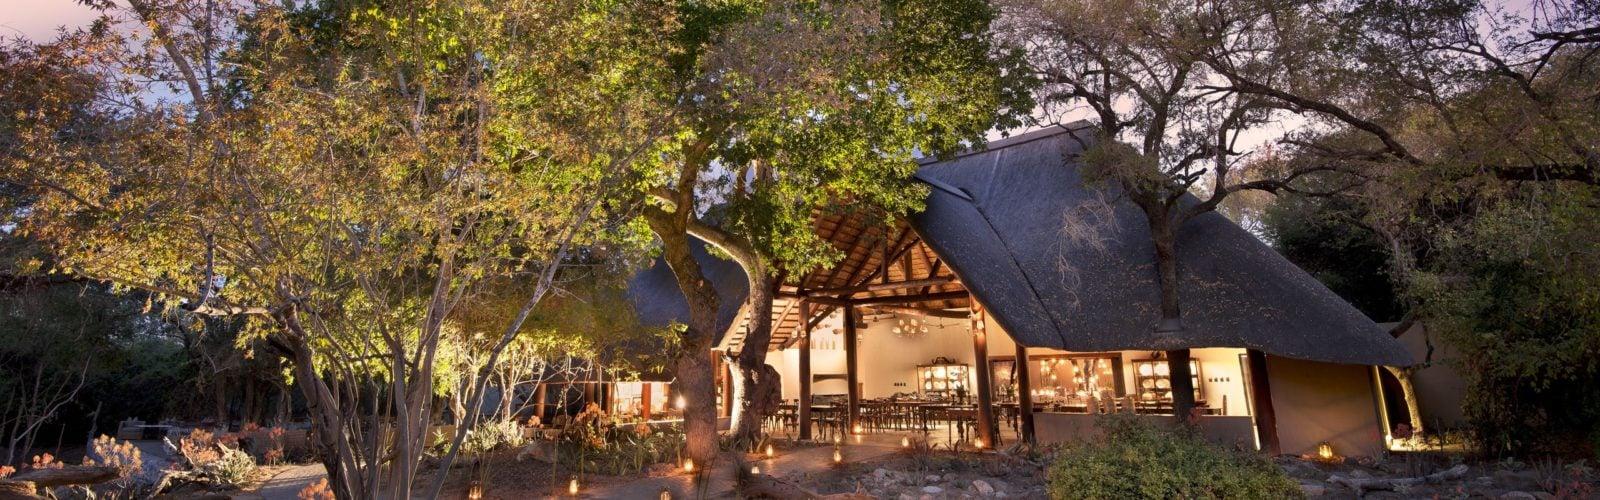 ngala-safari-lodge-kruger-national-park